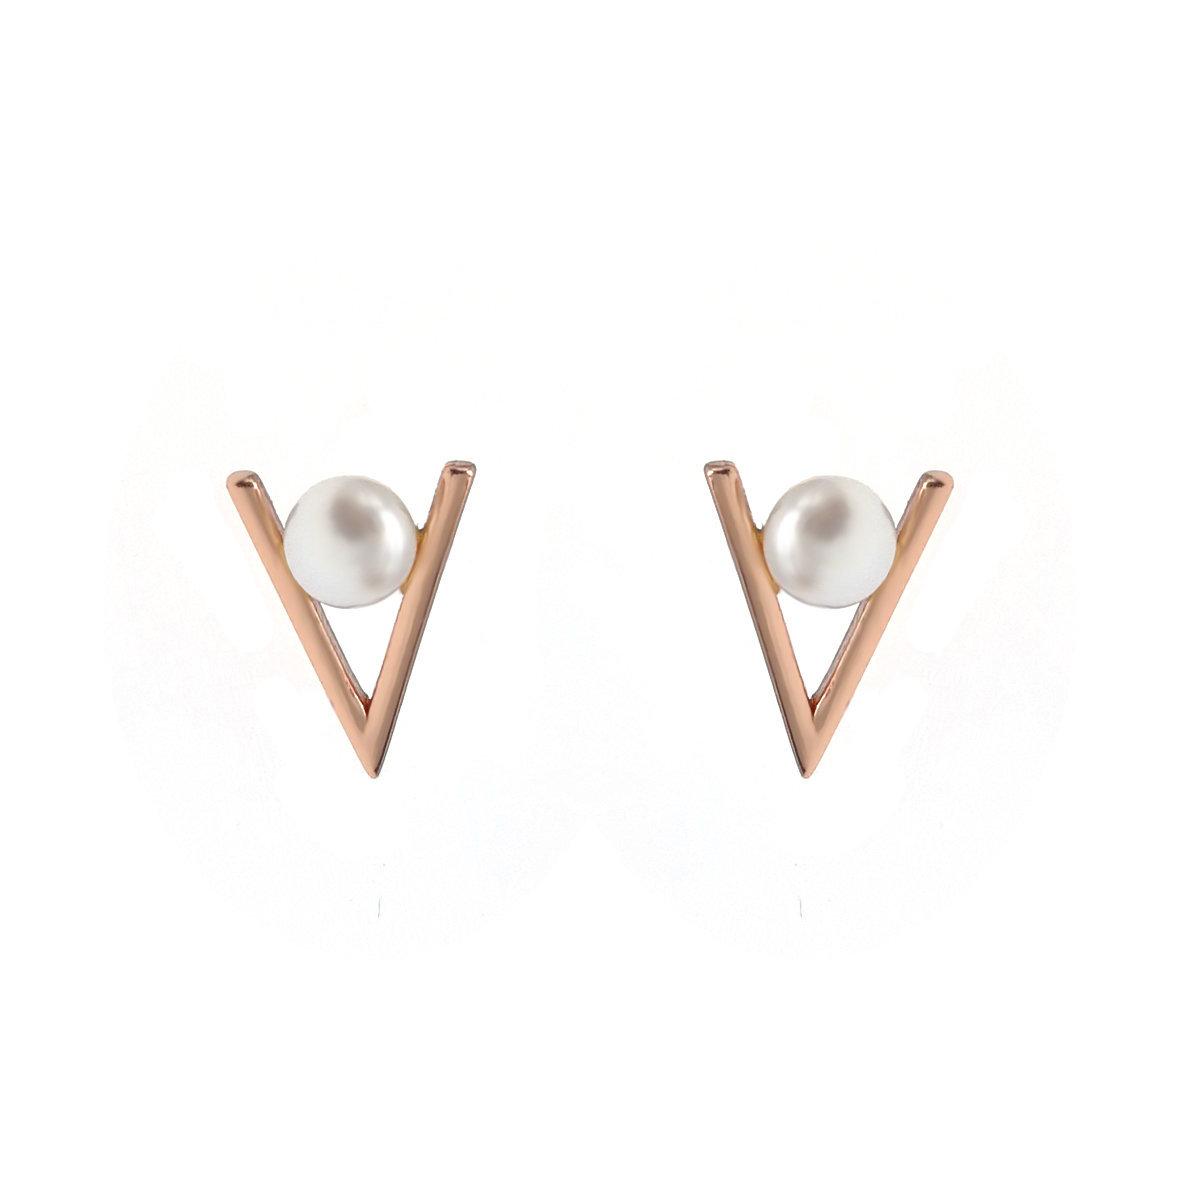 V-玫瑰金色925純銀配淡水珍珠耳環